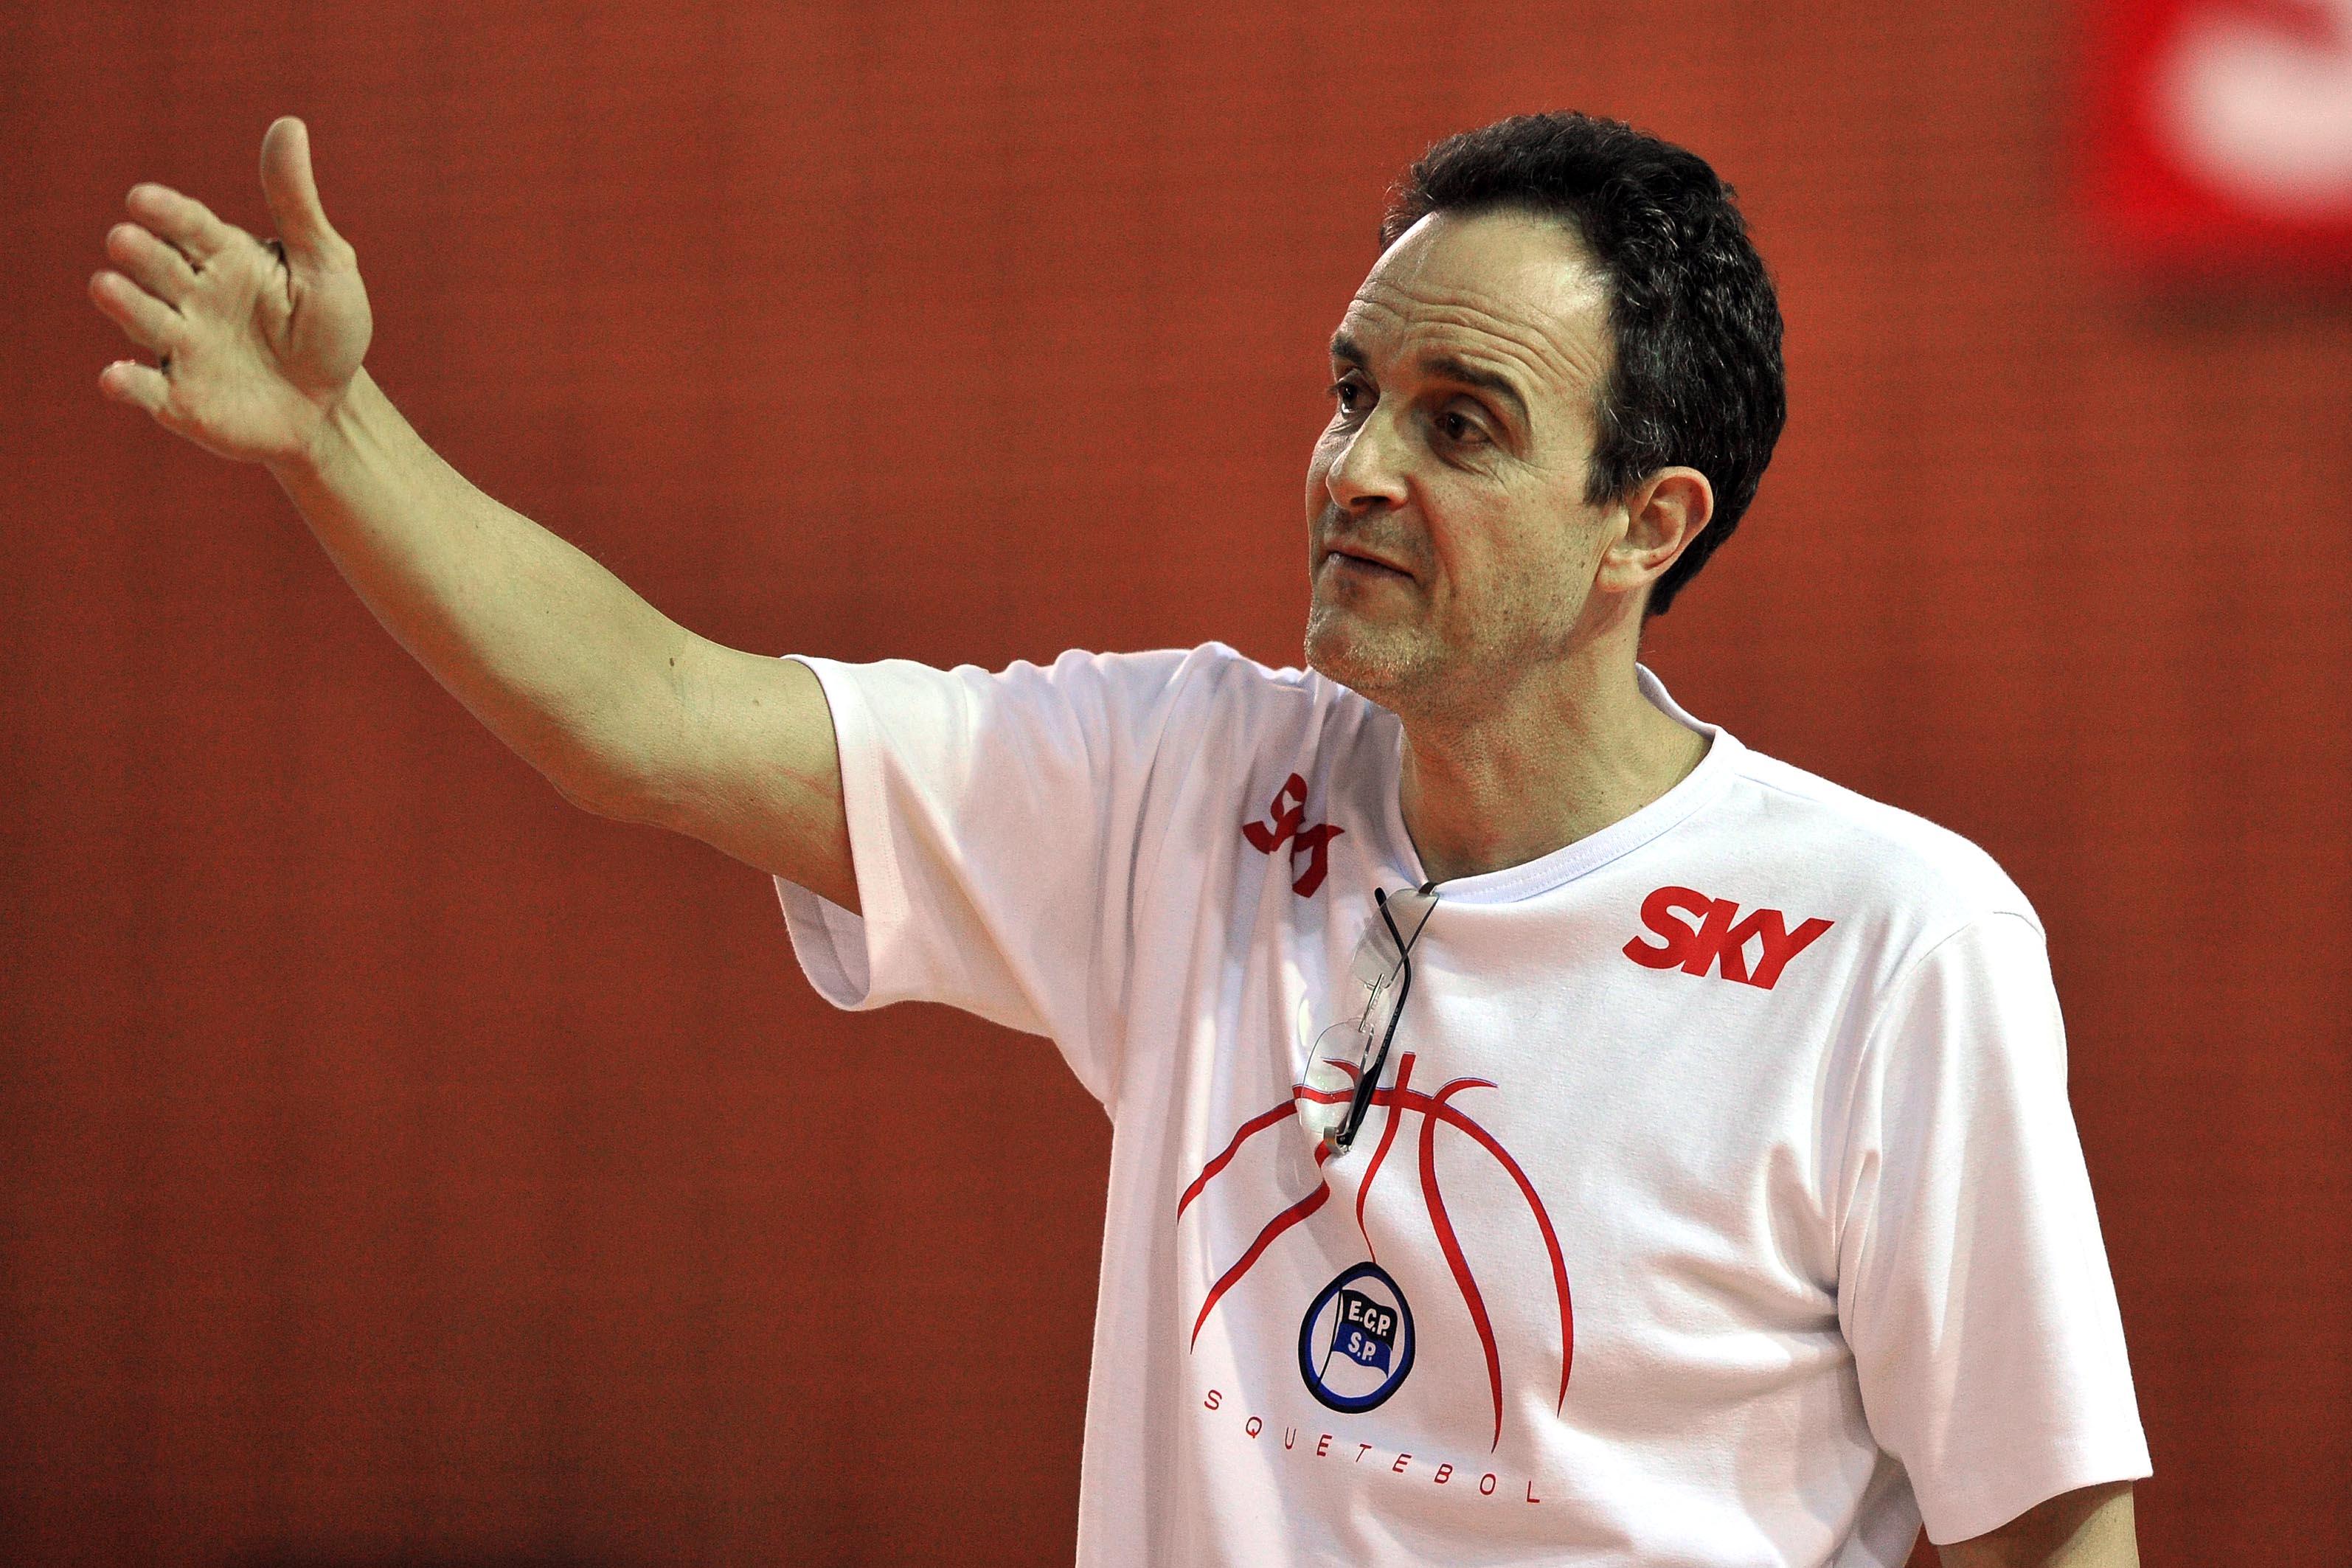 Equipe do técnico Marcel de Souza conquistou seu segundo triunfo no NBB 7 (Ricardo Bufolin/ECP)